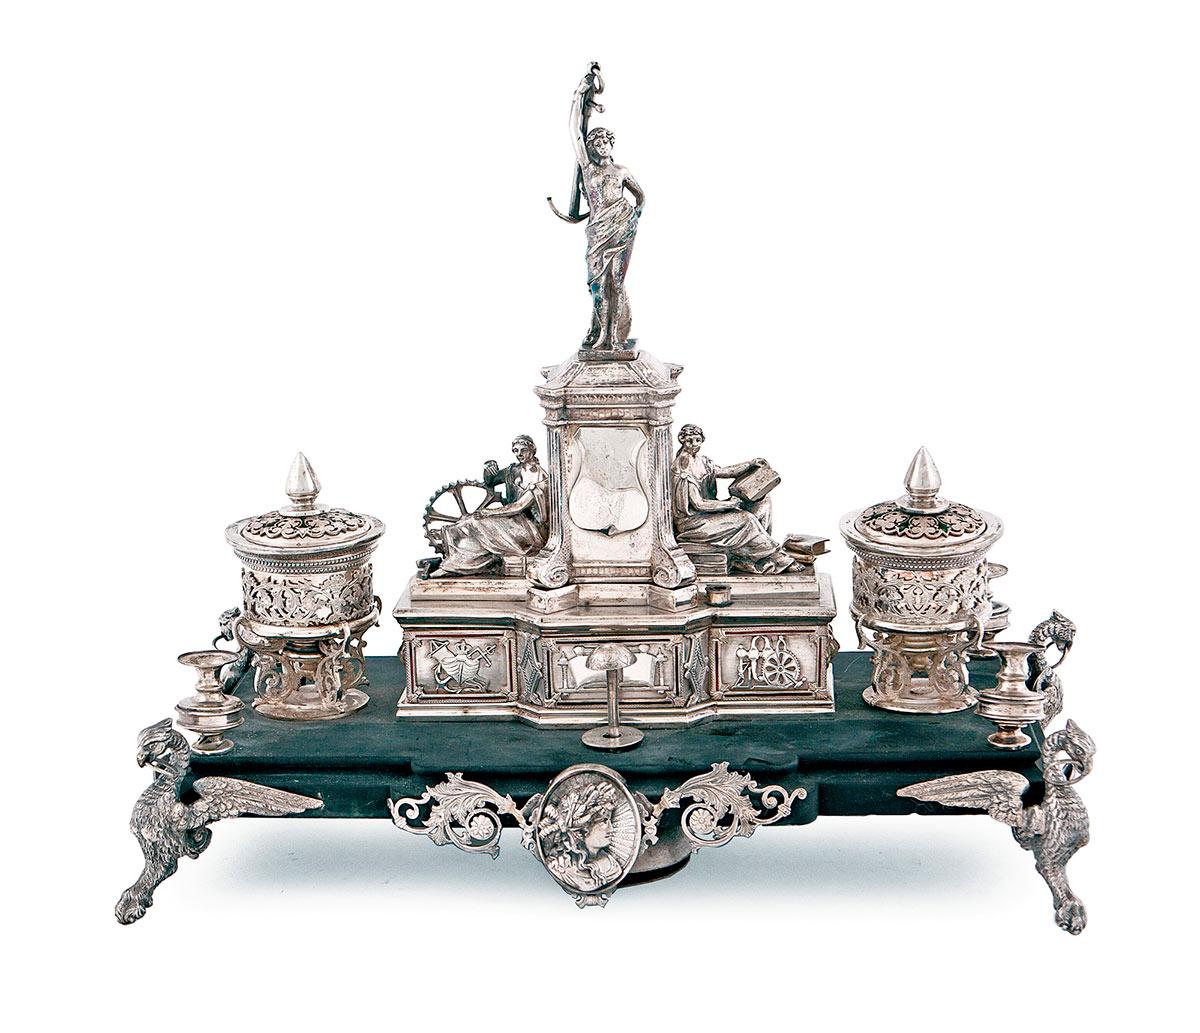 412-Escribanía-de-plata-con-marcas-de-Barcelona,-Rovira,-SS.-XIX-XX,-decorada-con-esmaltes-sobre-peana-de-mármol,-c.-1900